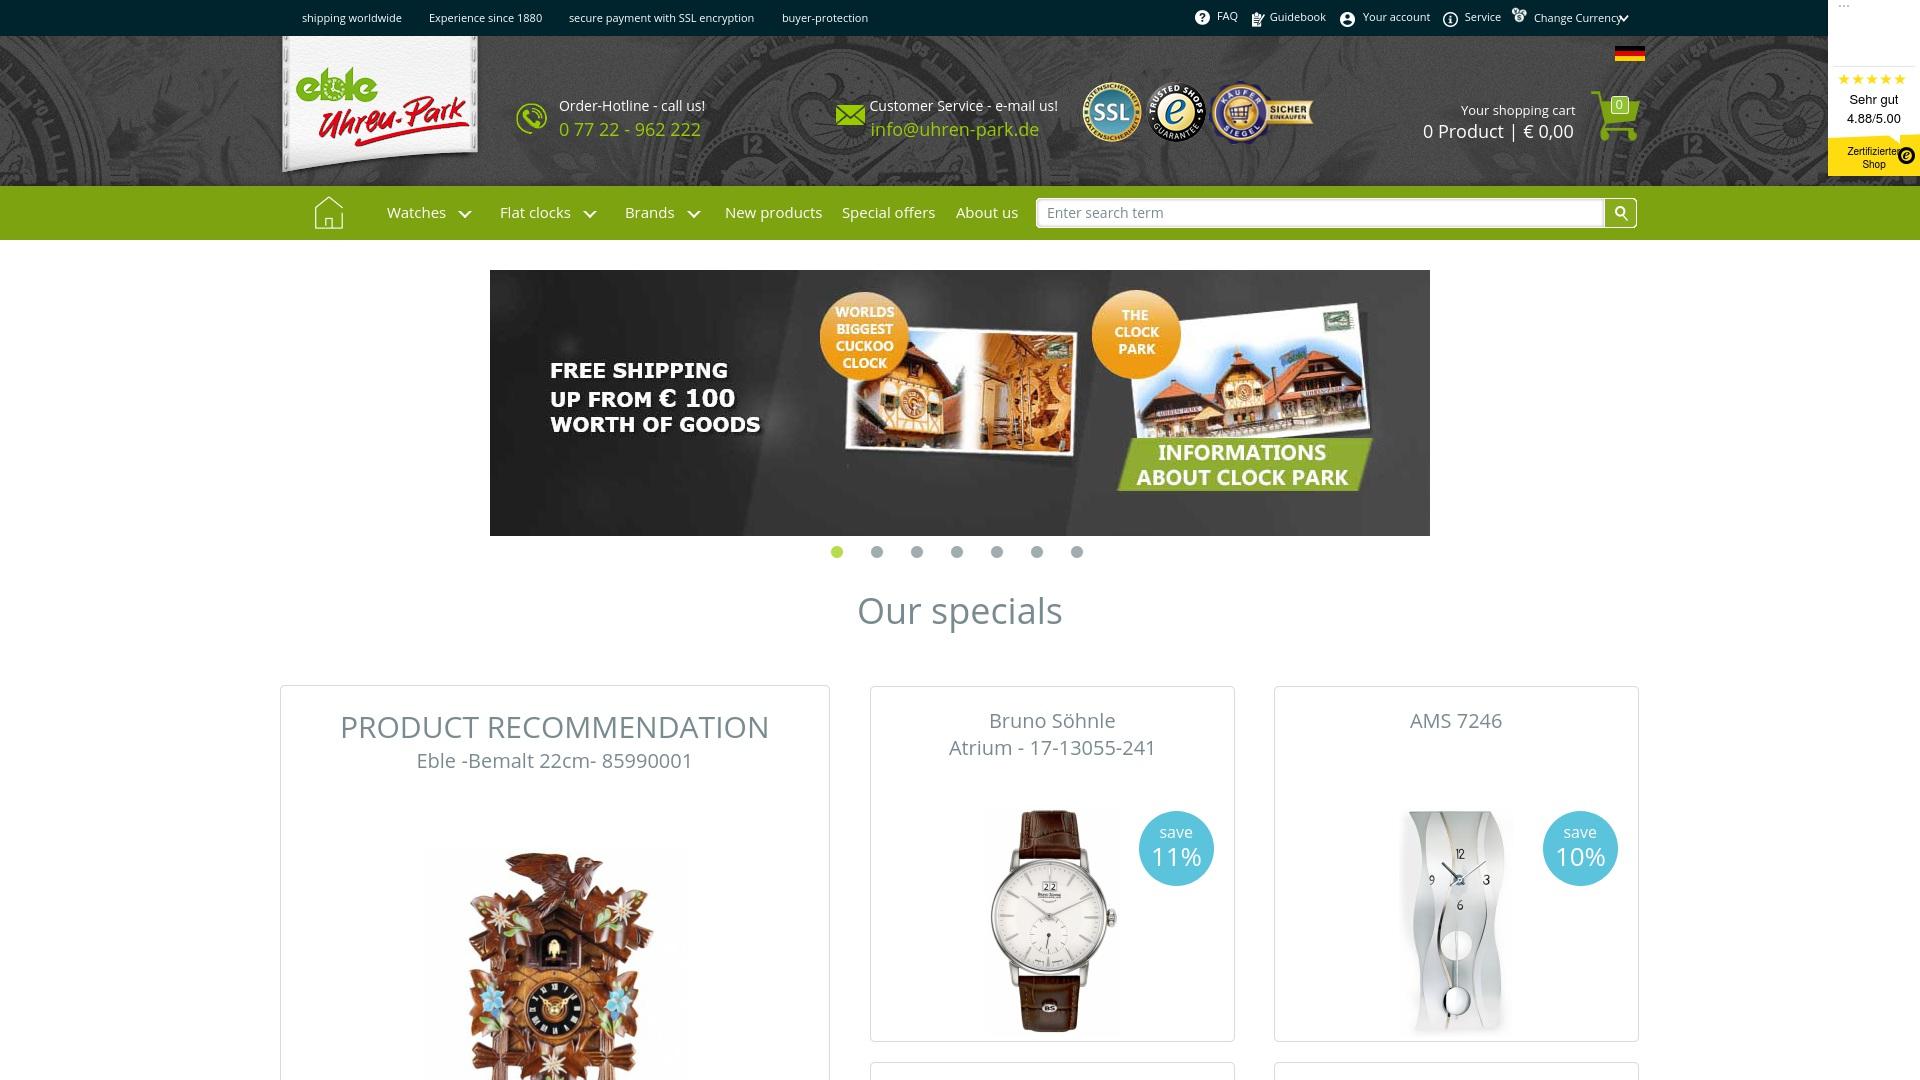 Gutschein für Uhren-park: Rabatte für  Uhren-park sichern